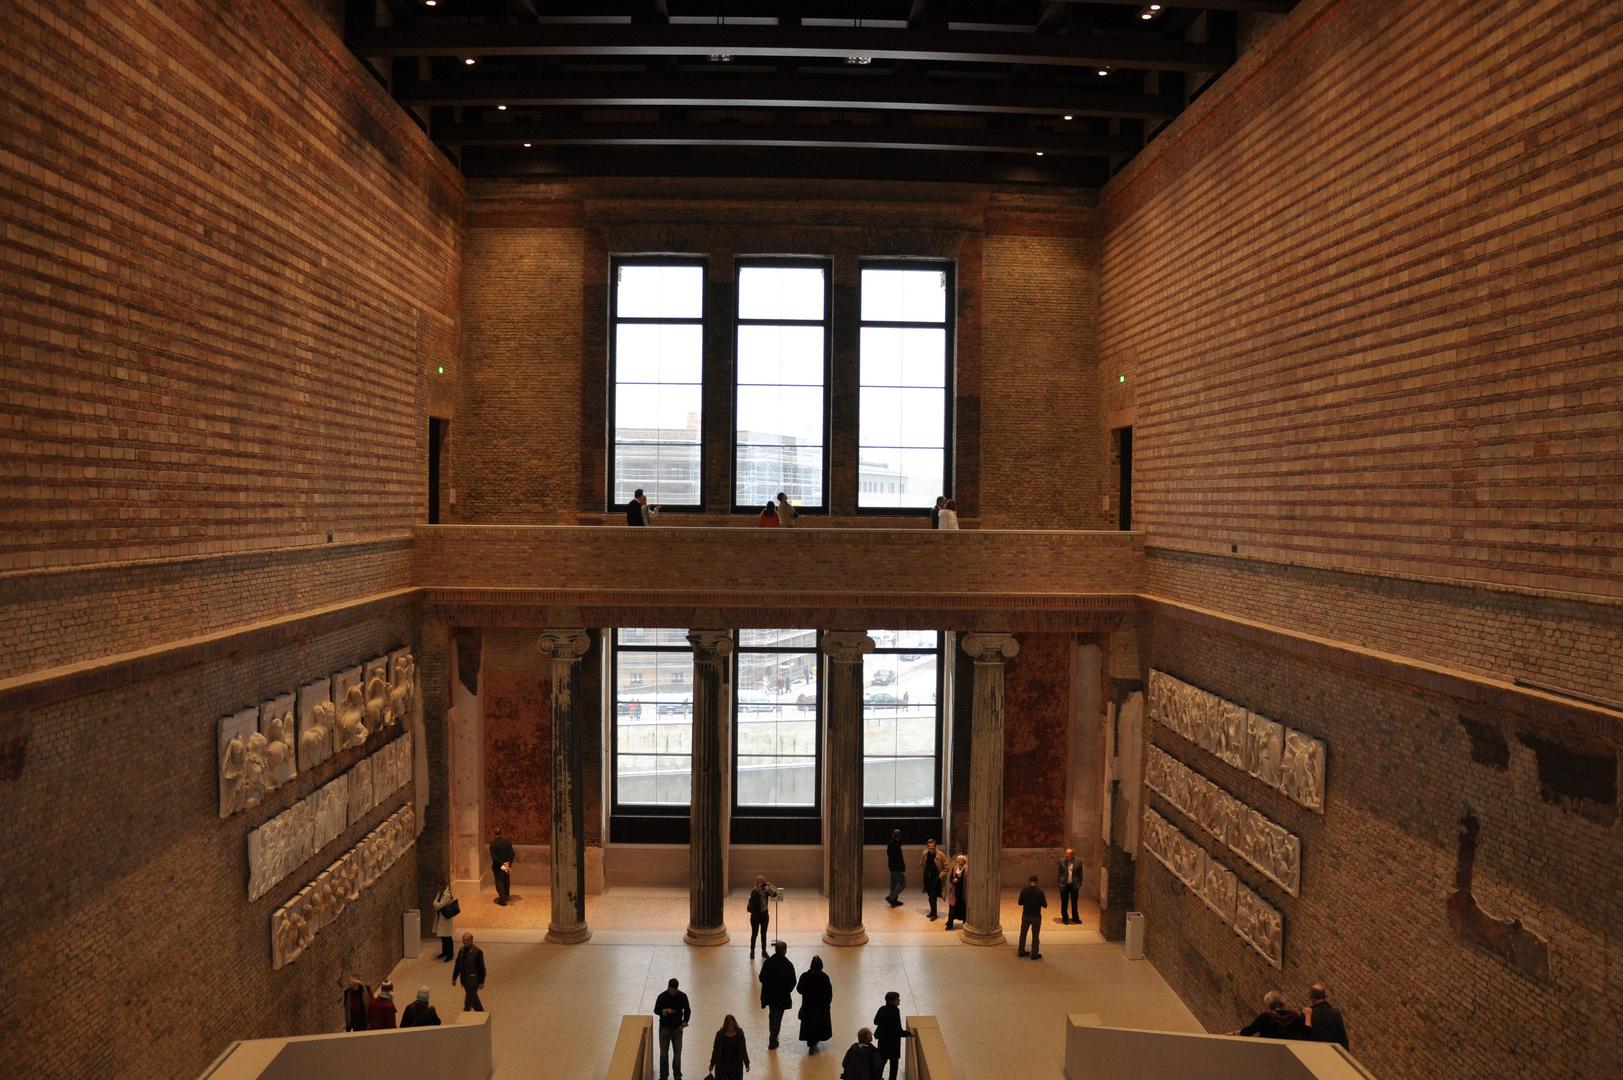 Treppenaufgang im Neuen Museum